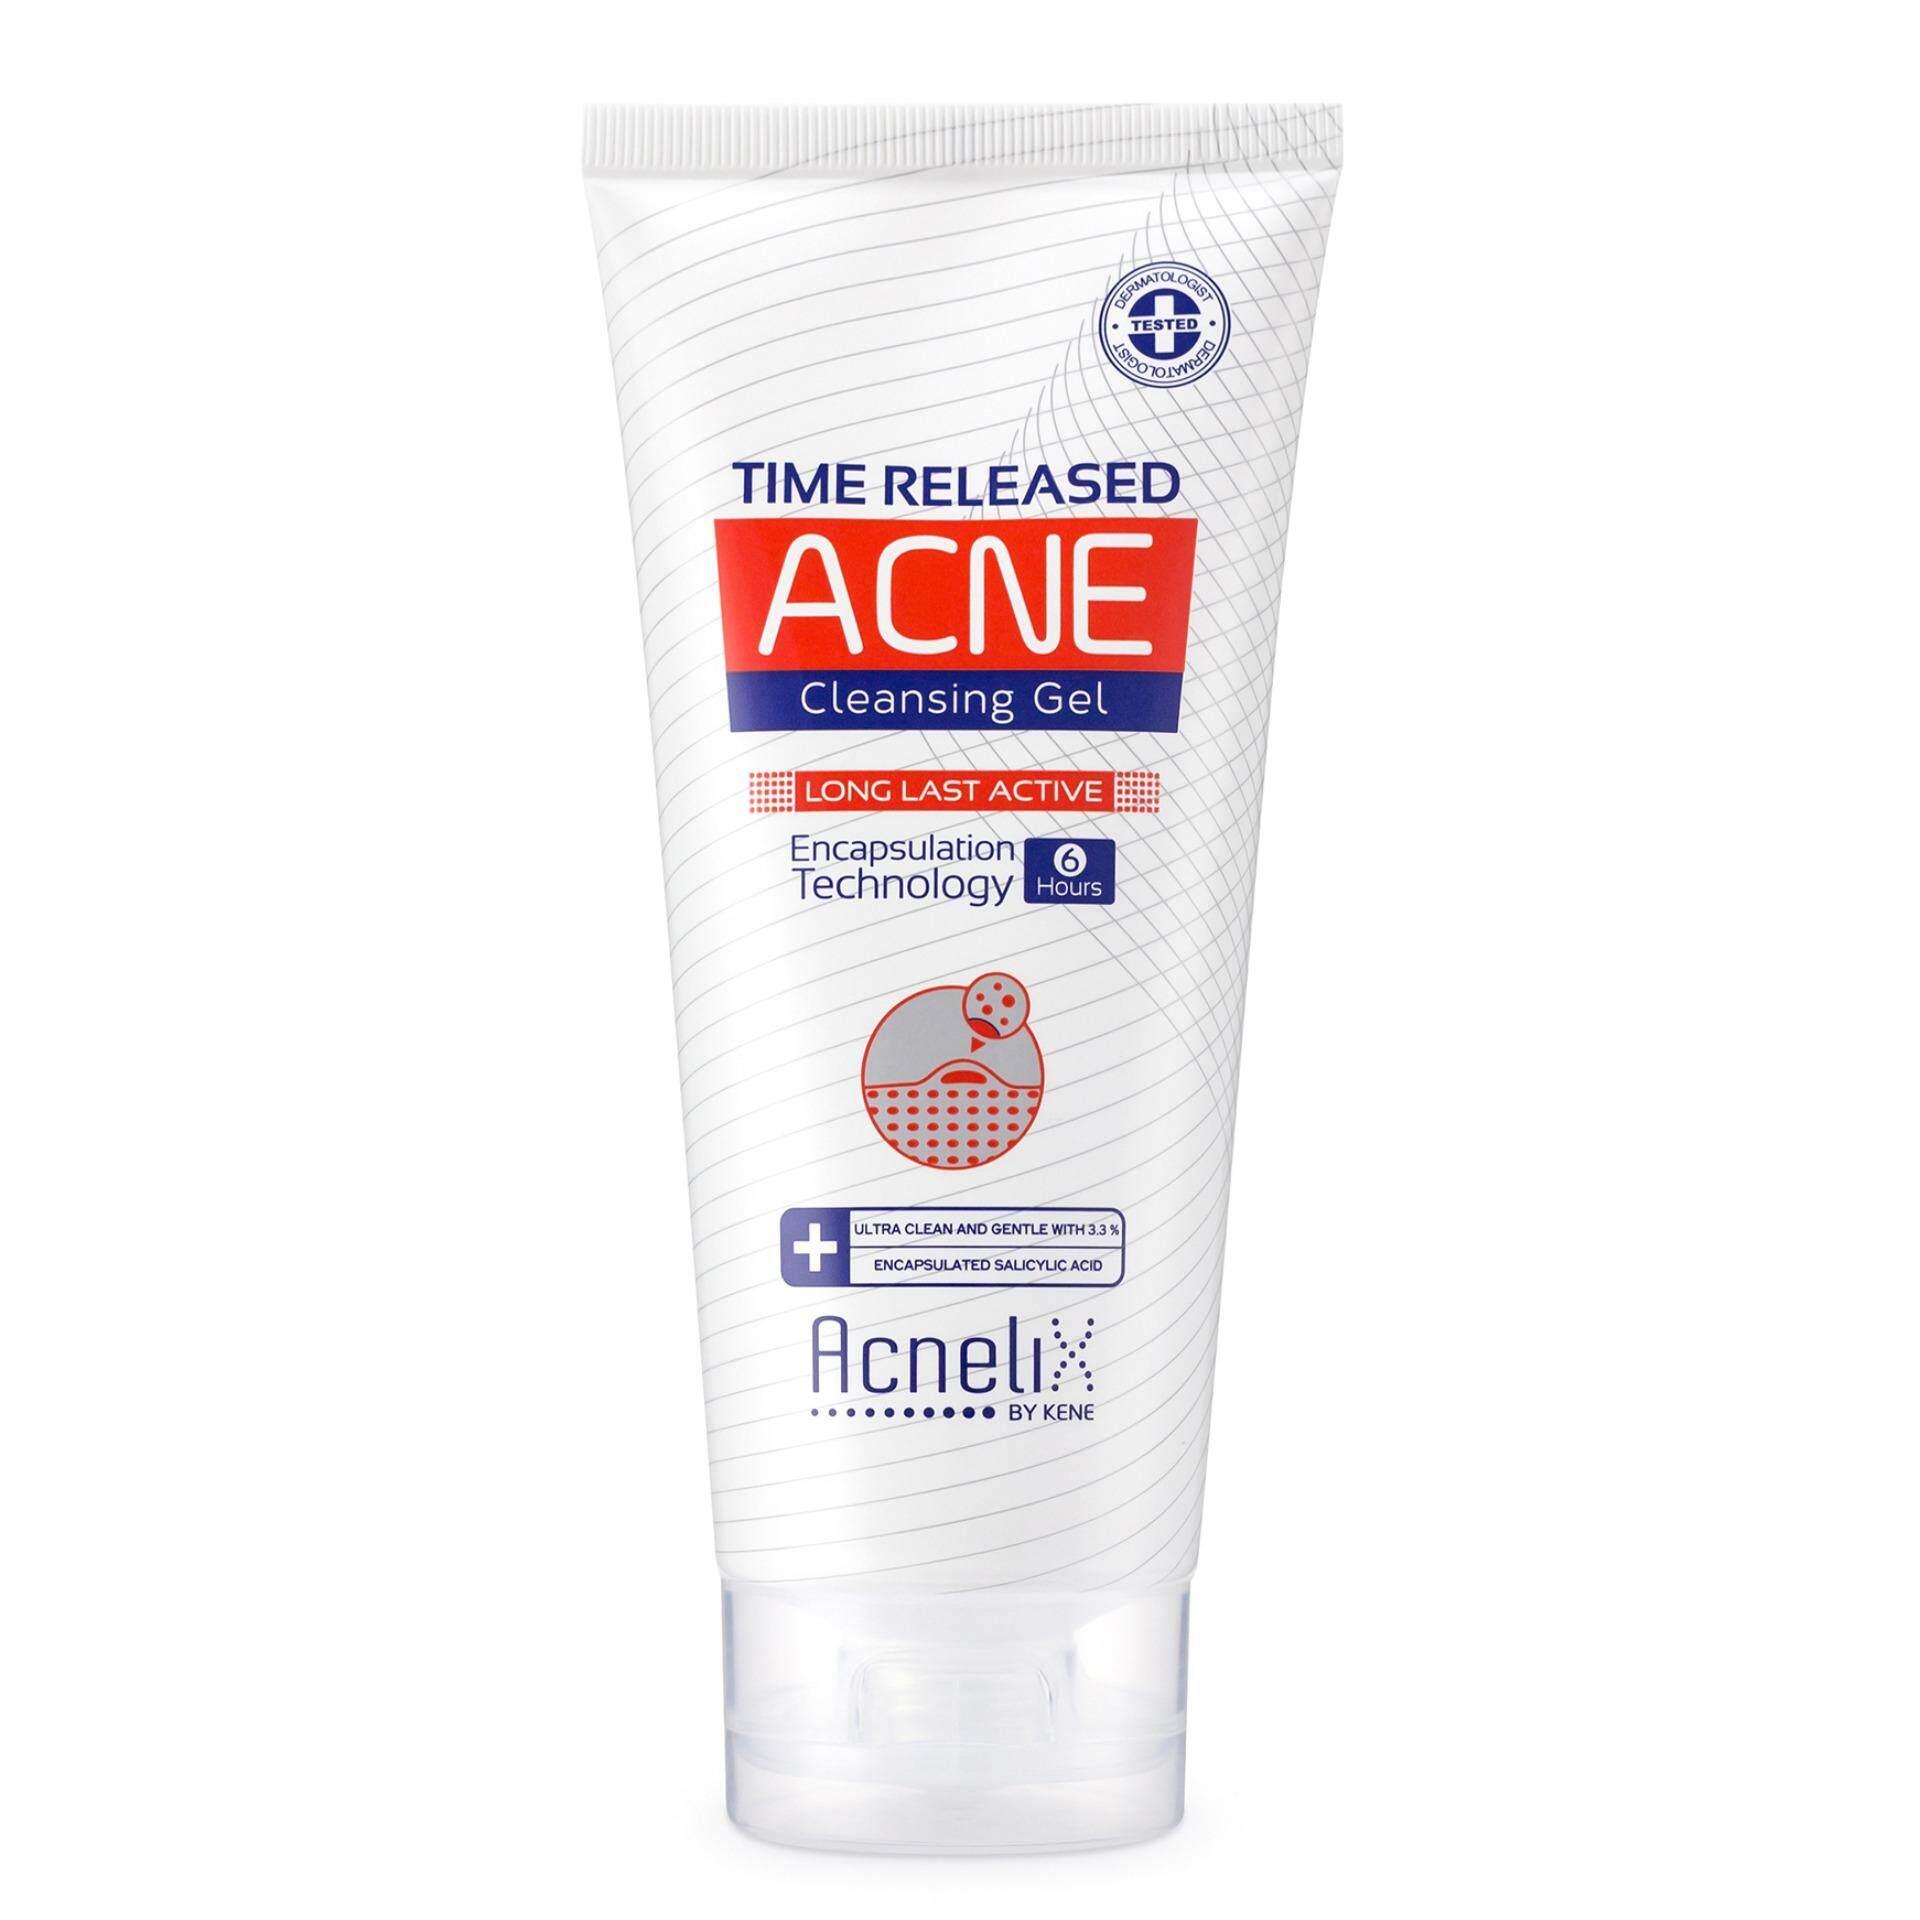 ขาย Acnelix Time Released Acne Cleansing Gel ถูก Thailand